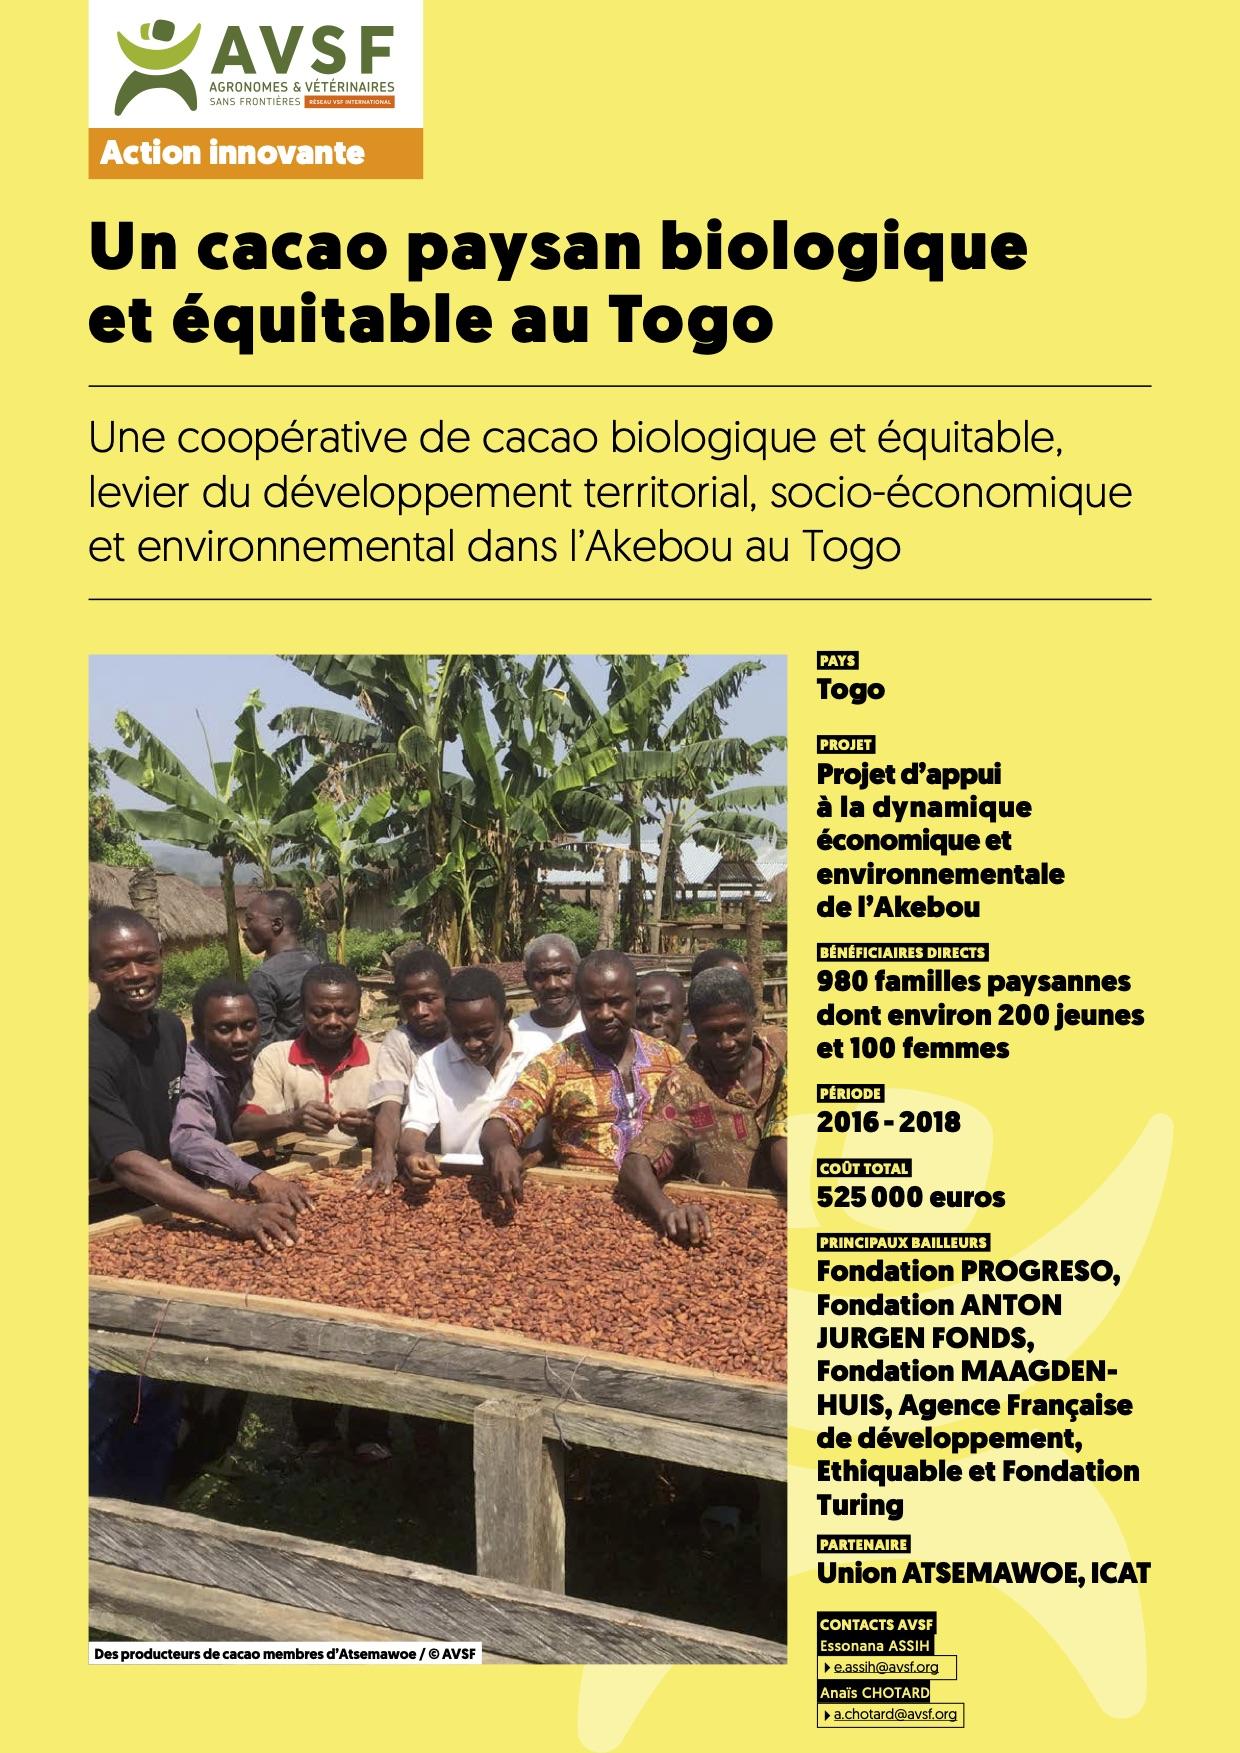 Les actions innovantes d'AVSF : Un cacao paysan biologique et équitable au Togo  Image principale